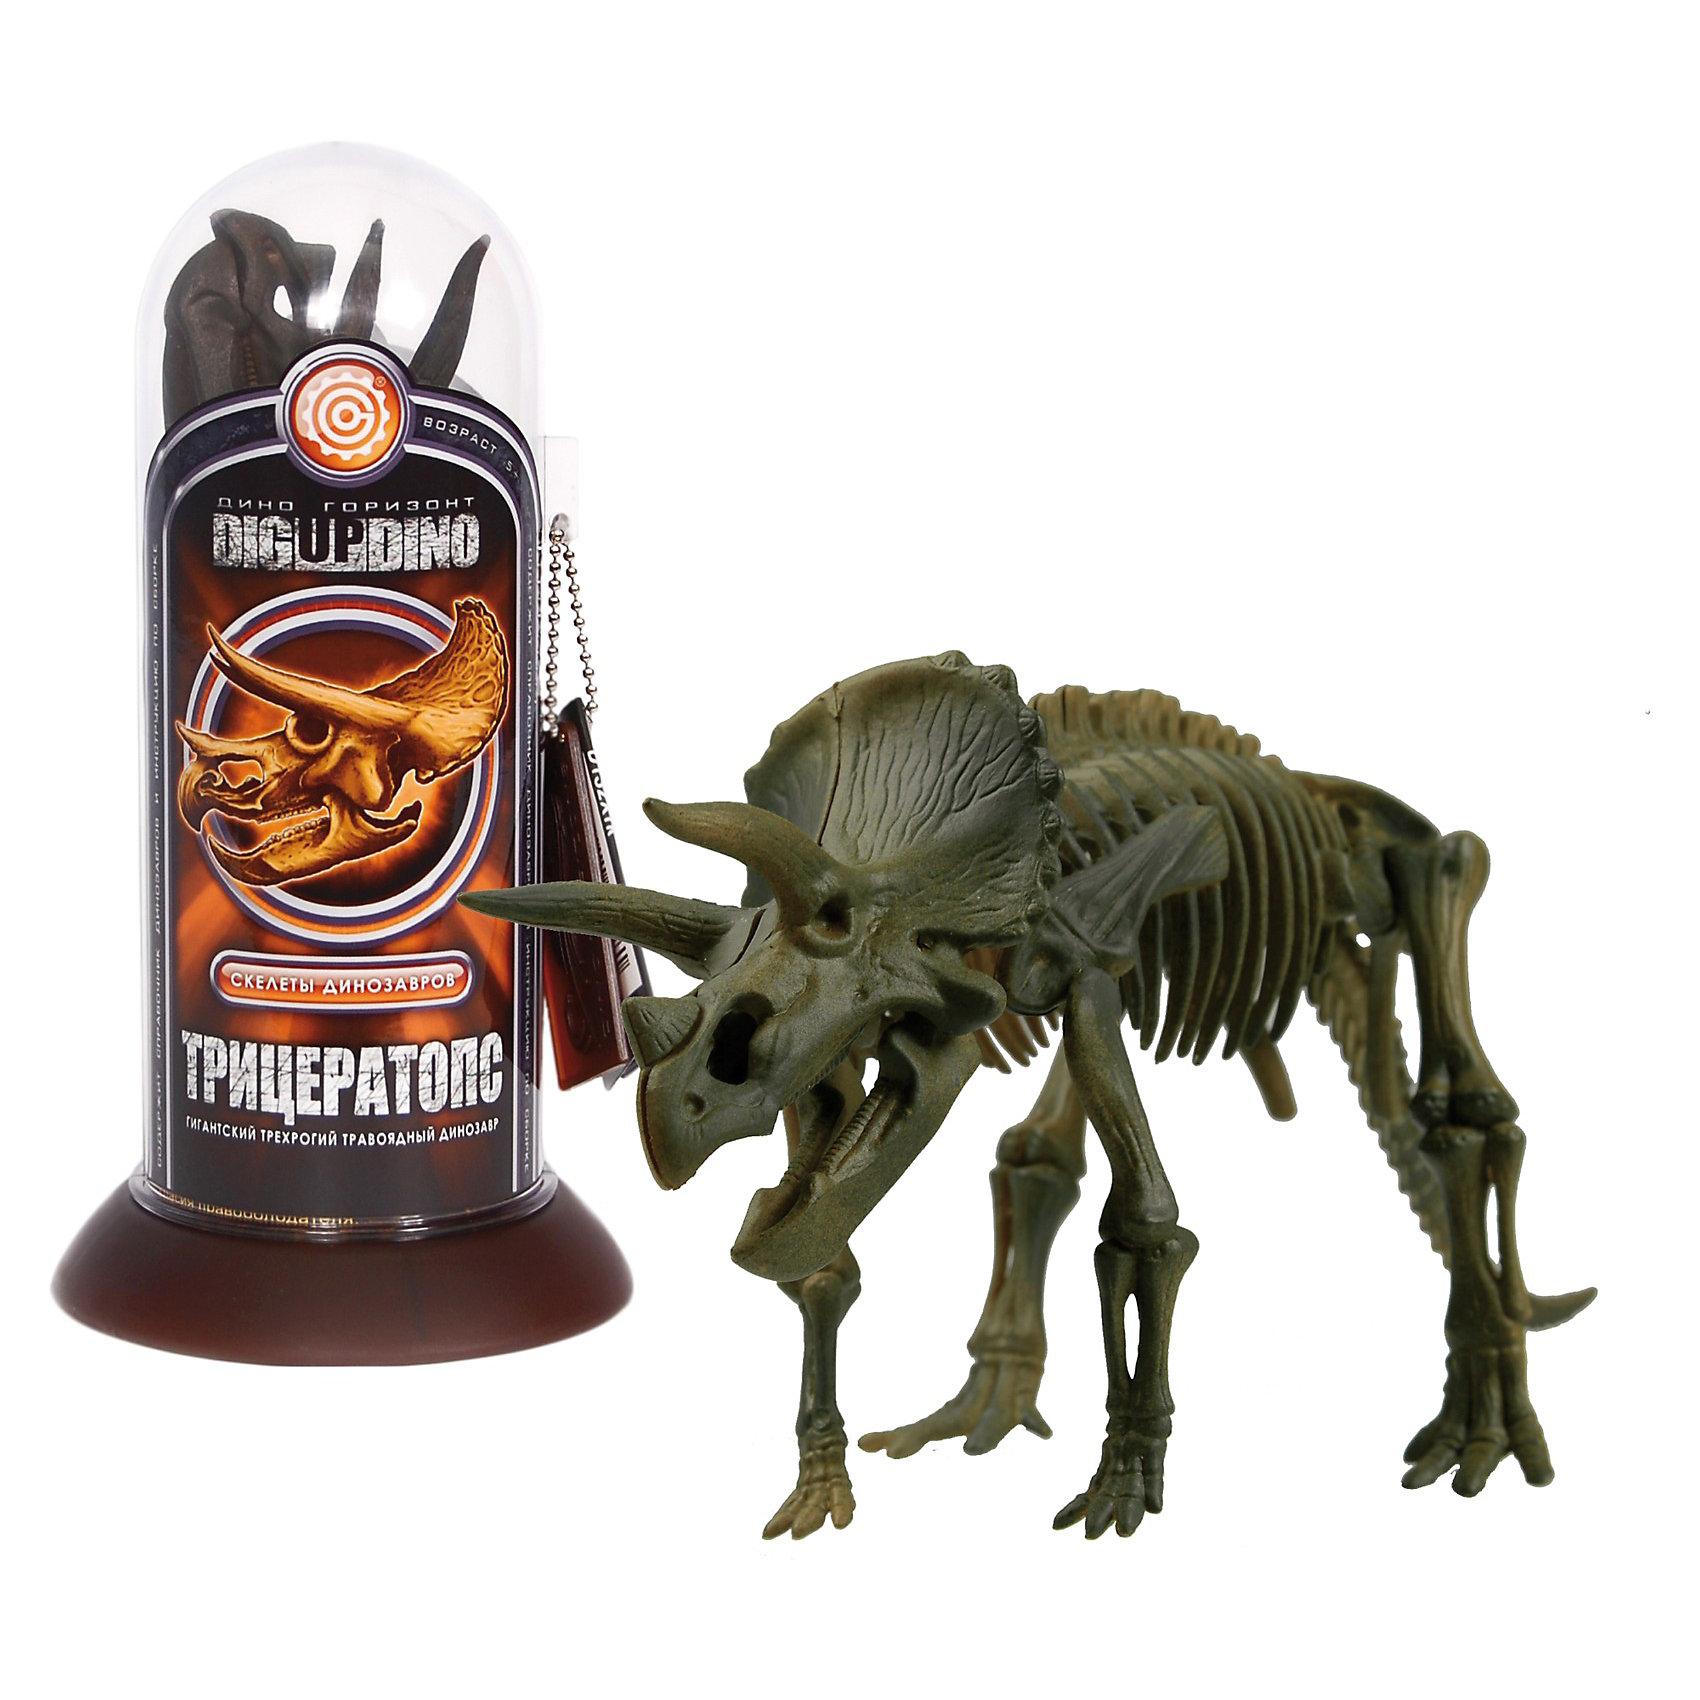 Раскопки: Трицератопс (Скелет динозавра с тремя рогами)